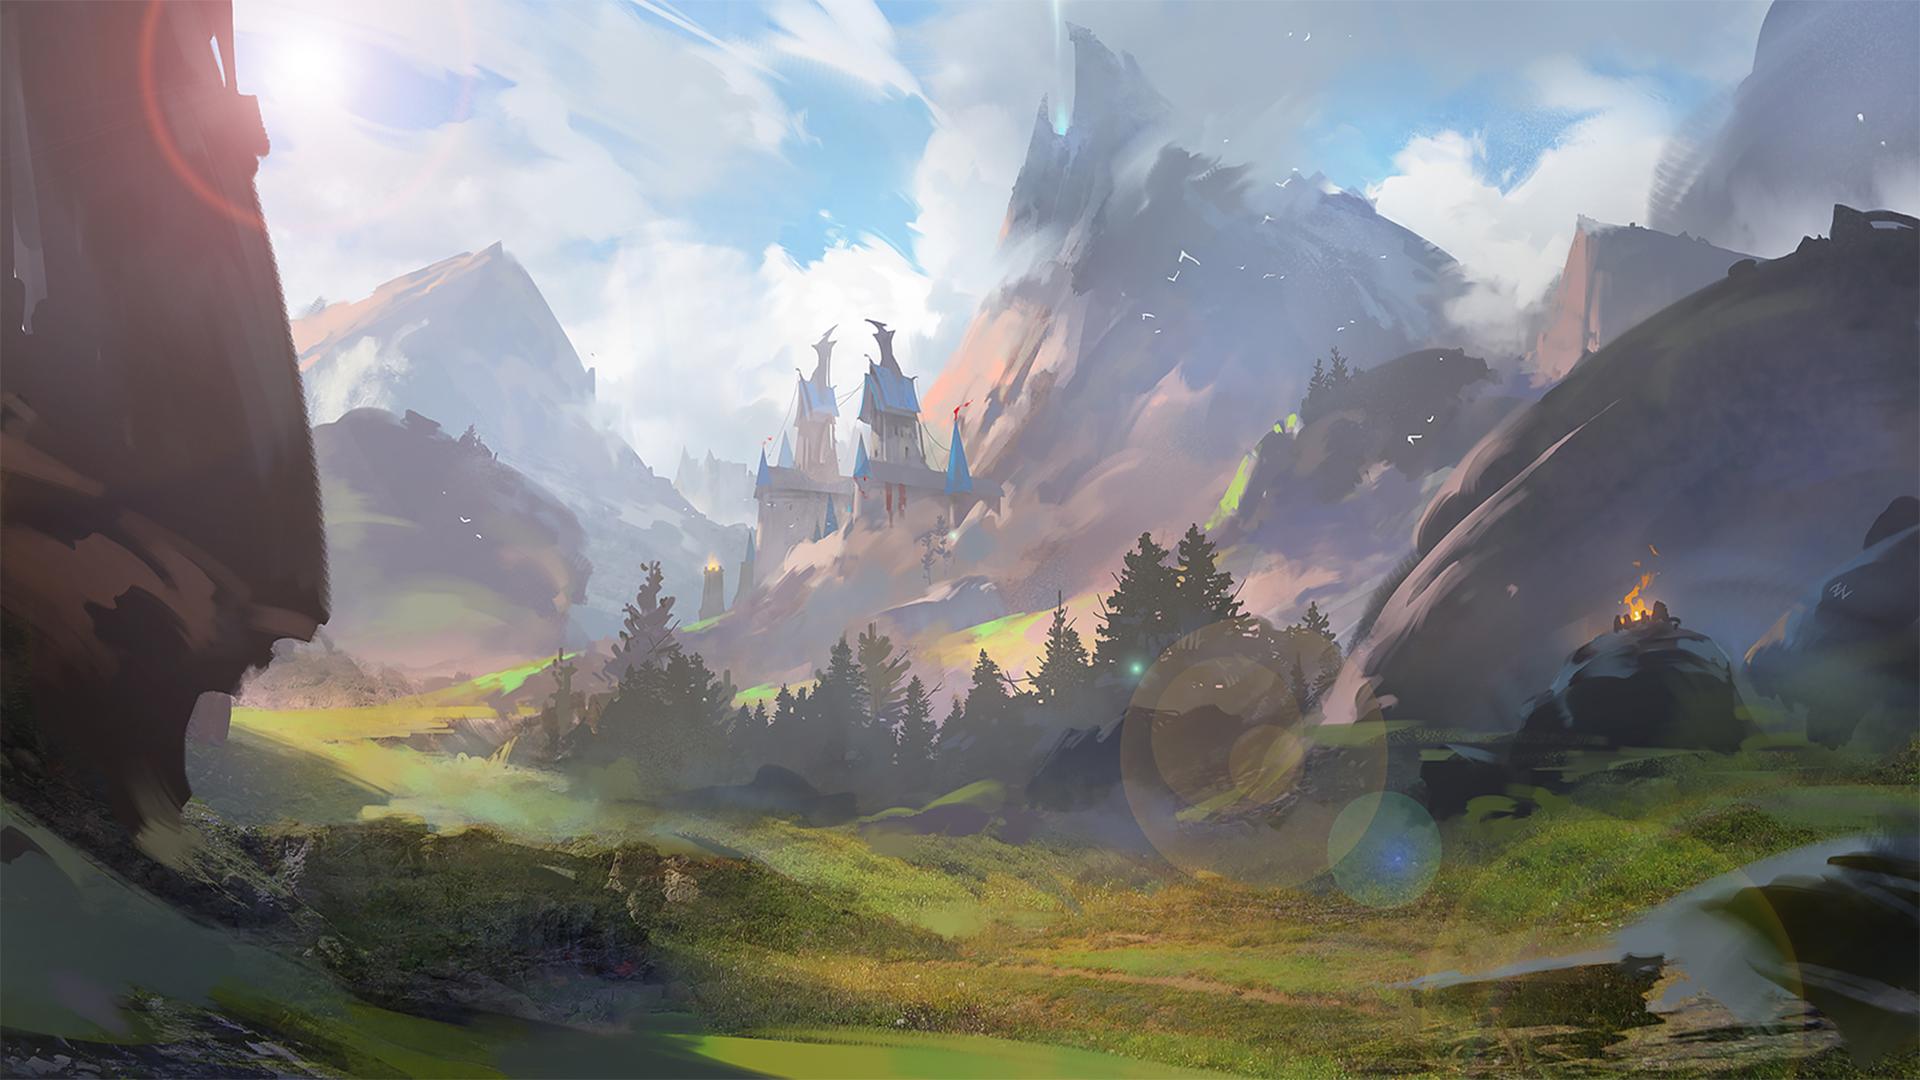 Fantasy Landscape , HD Wallpaper & Backgrounds